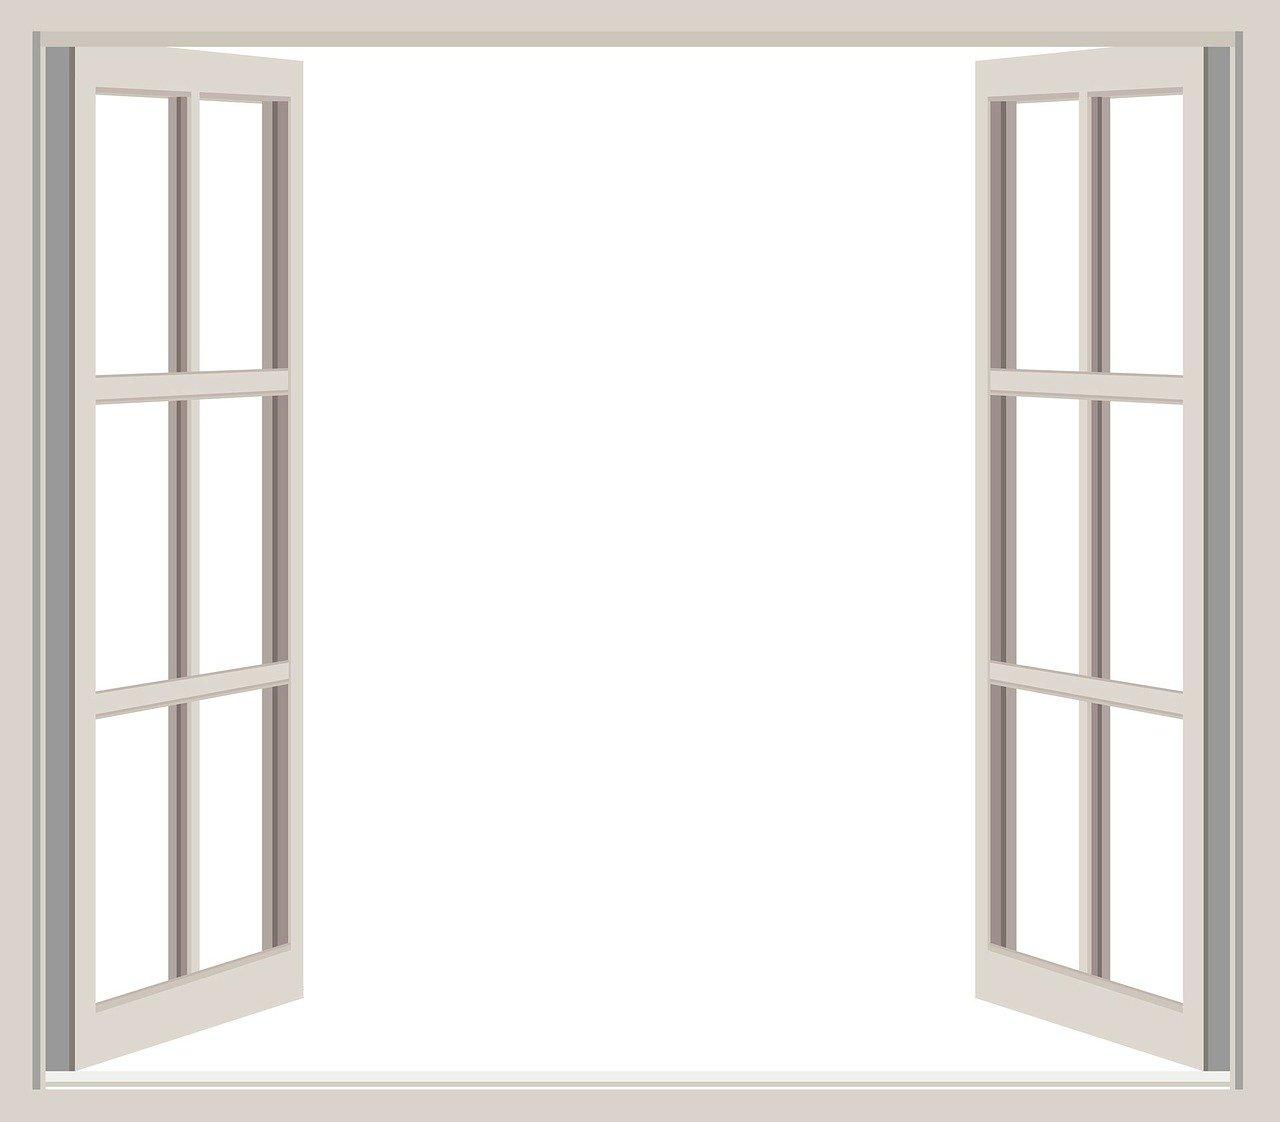 Weiße Fenster offen Fensterrahmen Lüften